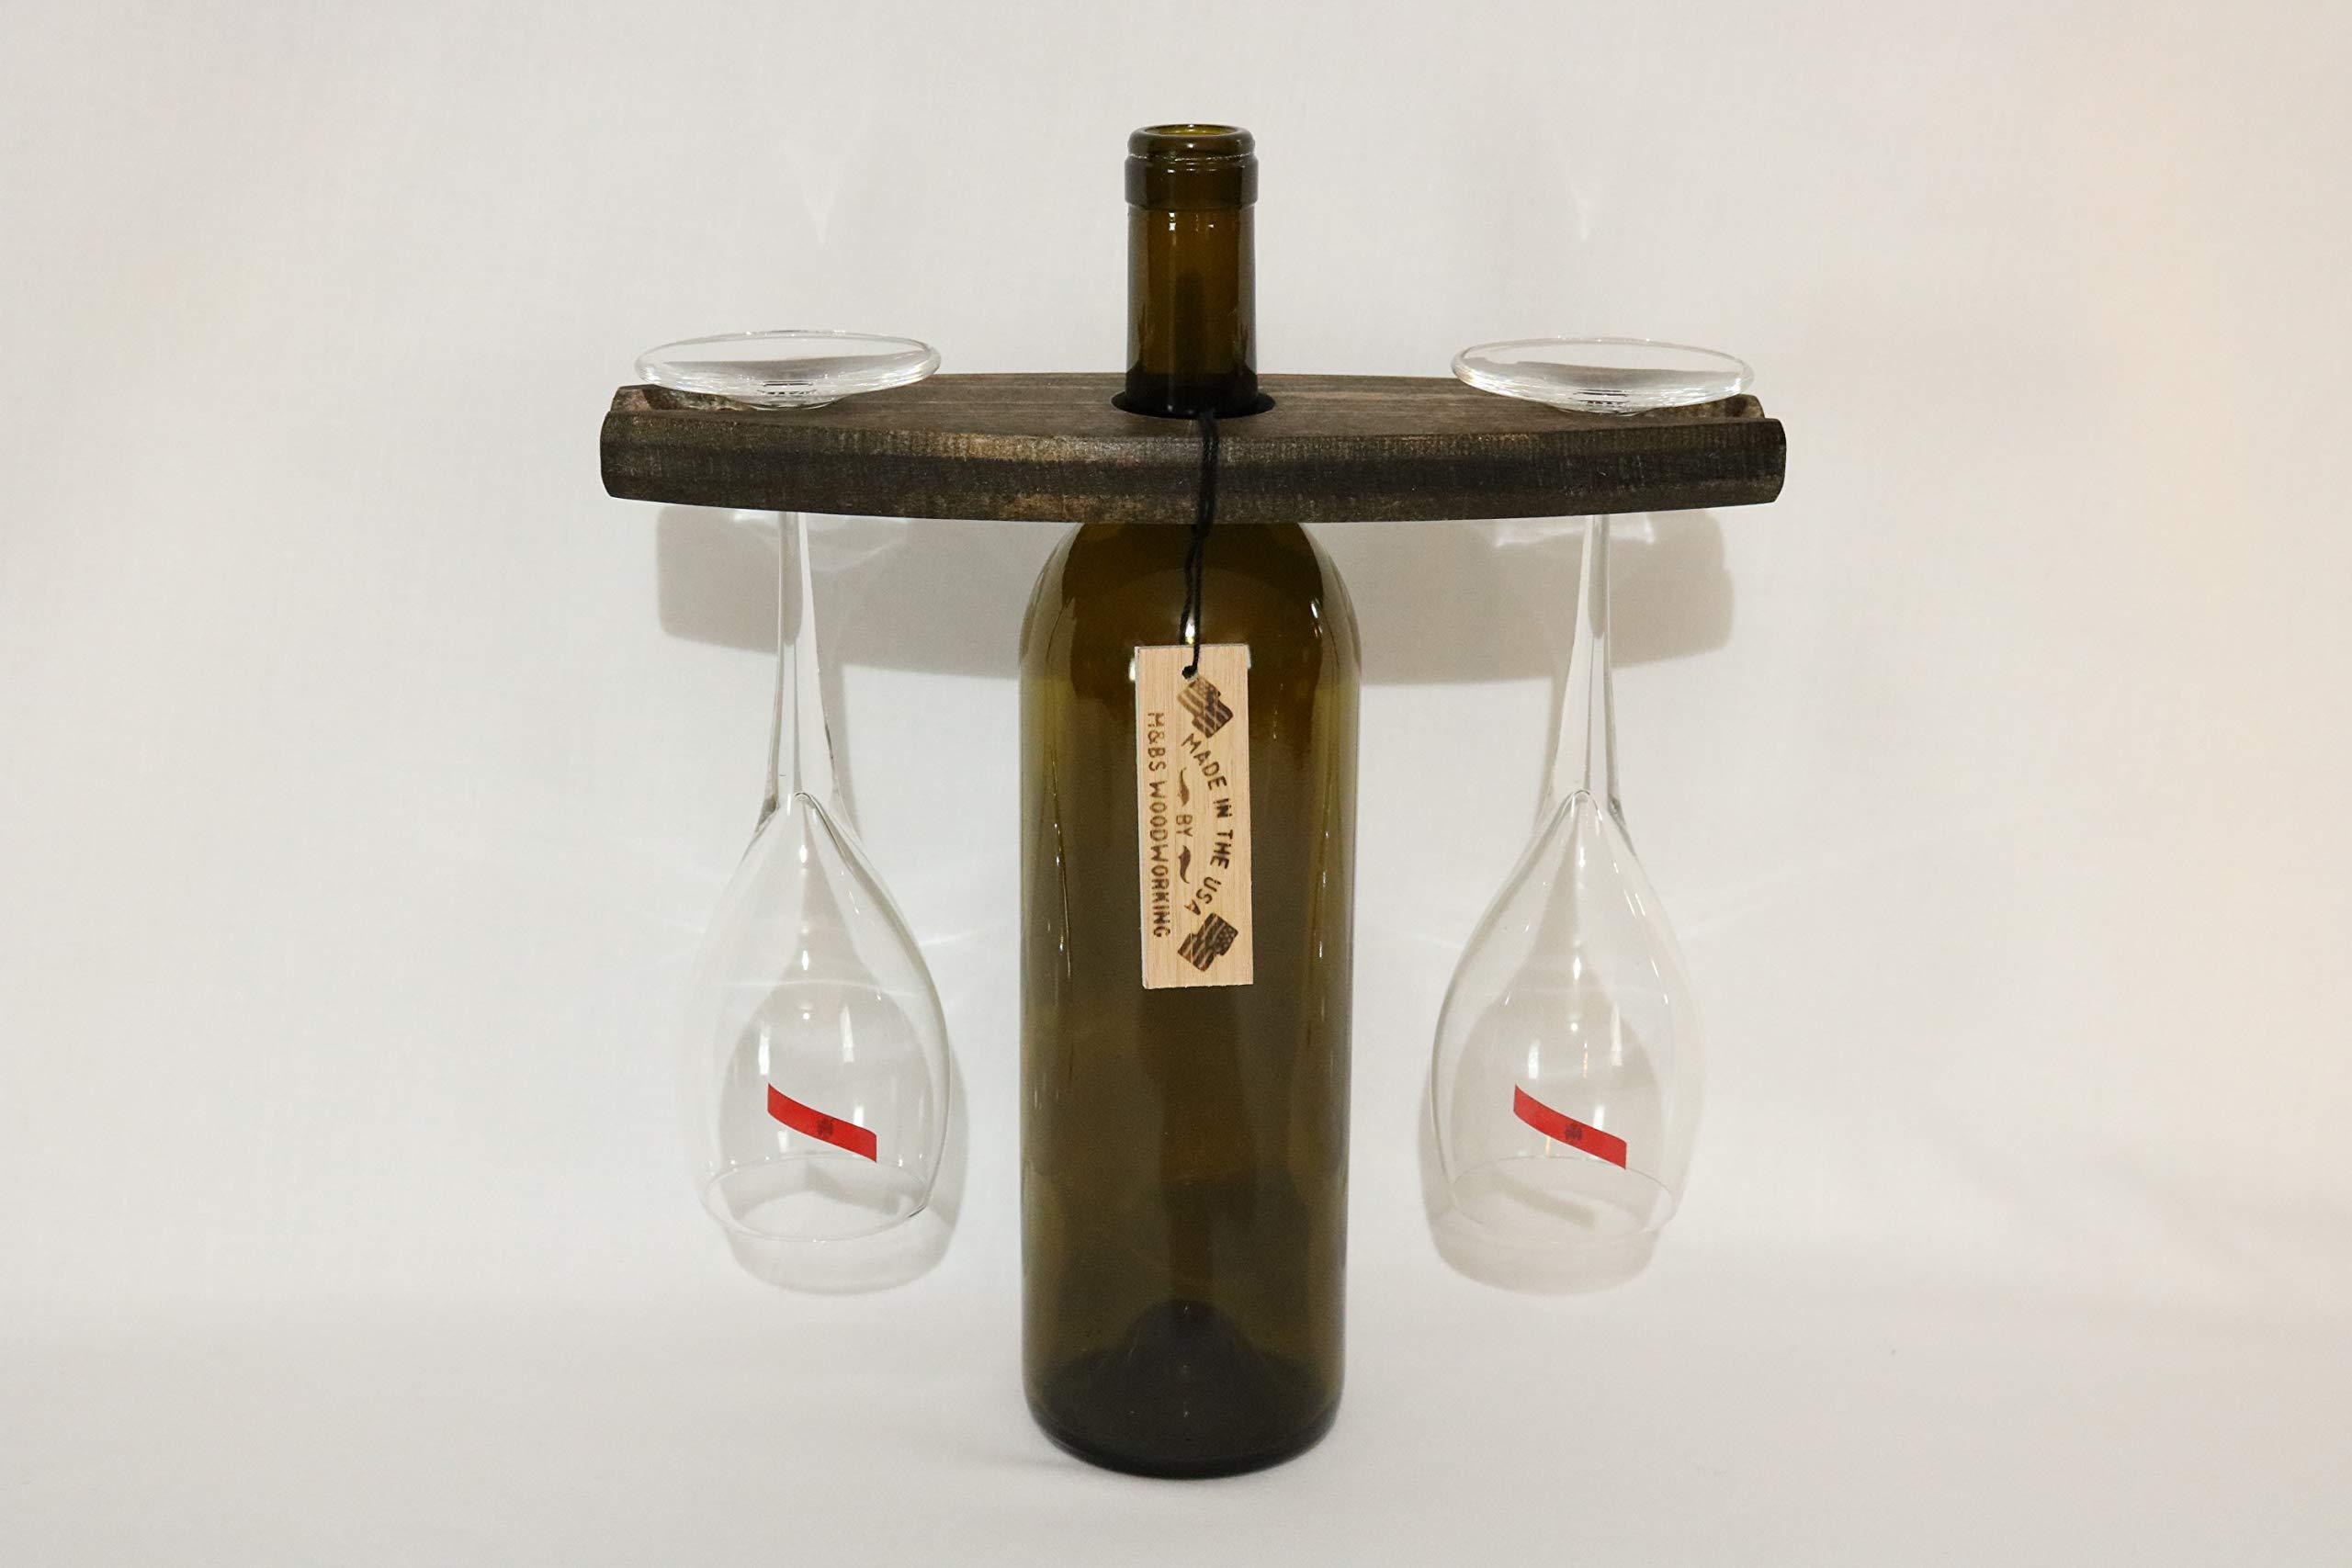 M&Bs Wooden Wine Glass Holder (Walnut)